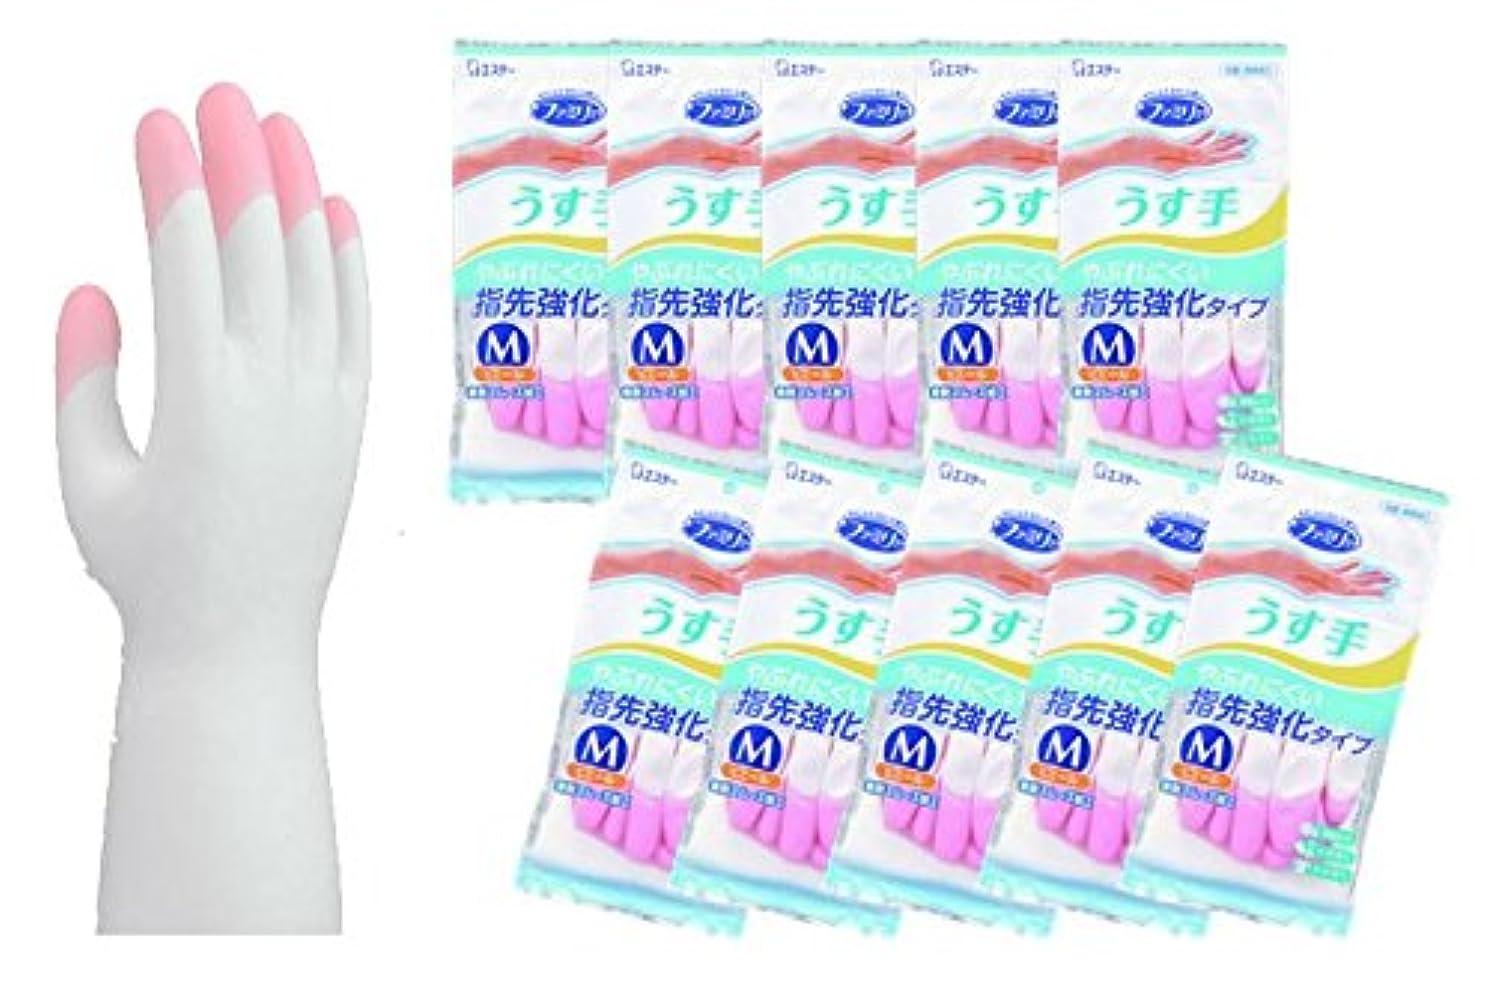 洗剤確保するペフファミリー ビニールうす手 指先強化 Mピンク 1双×10個セット